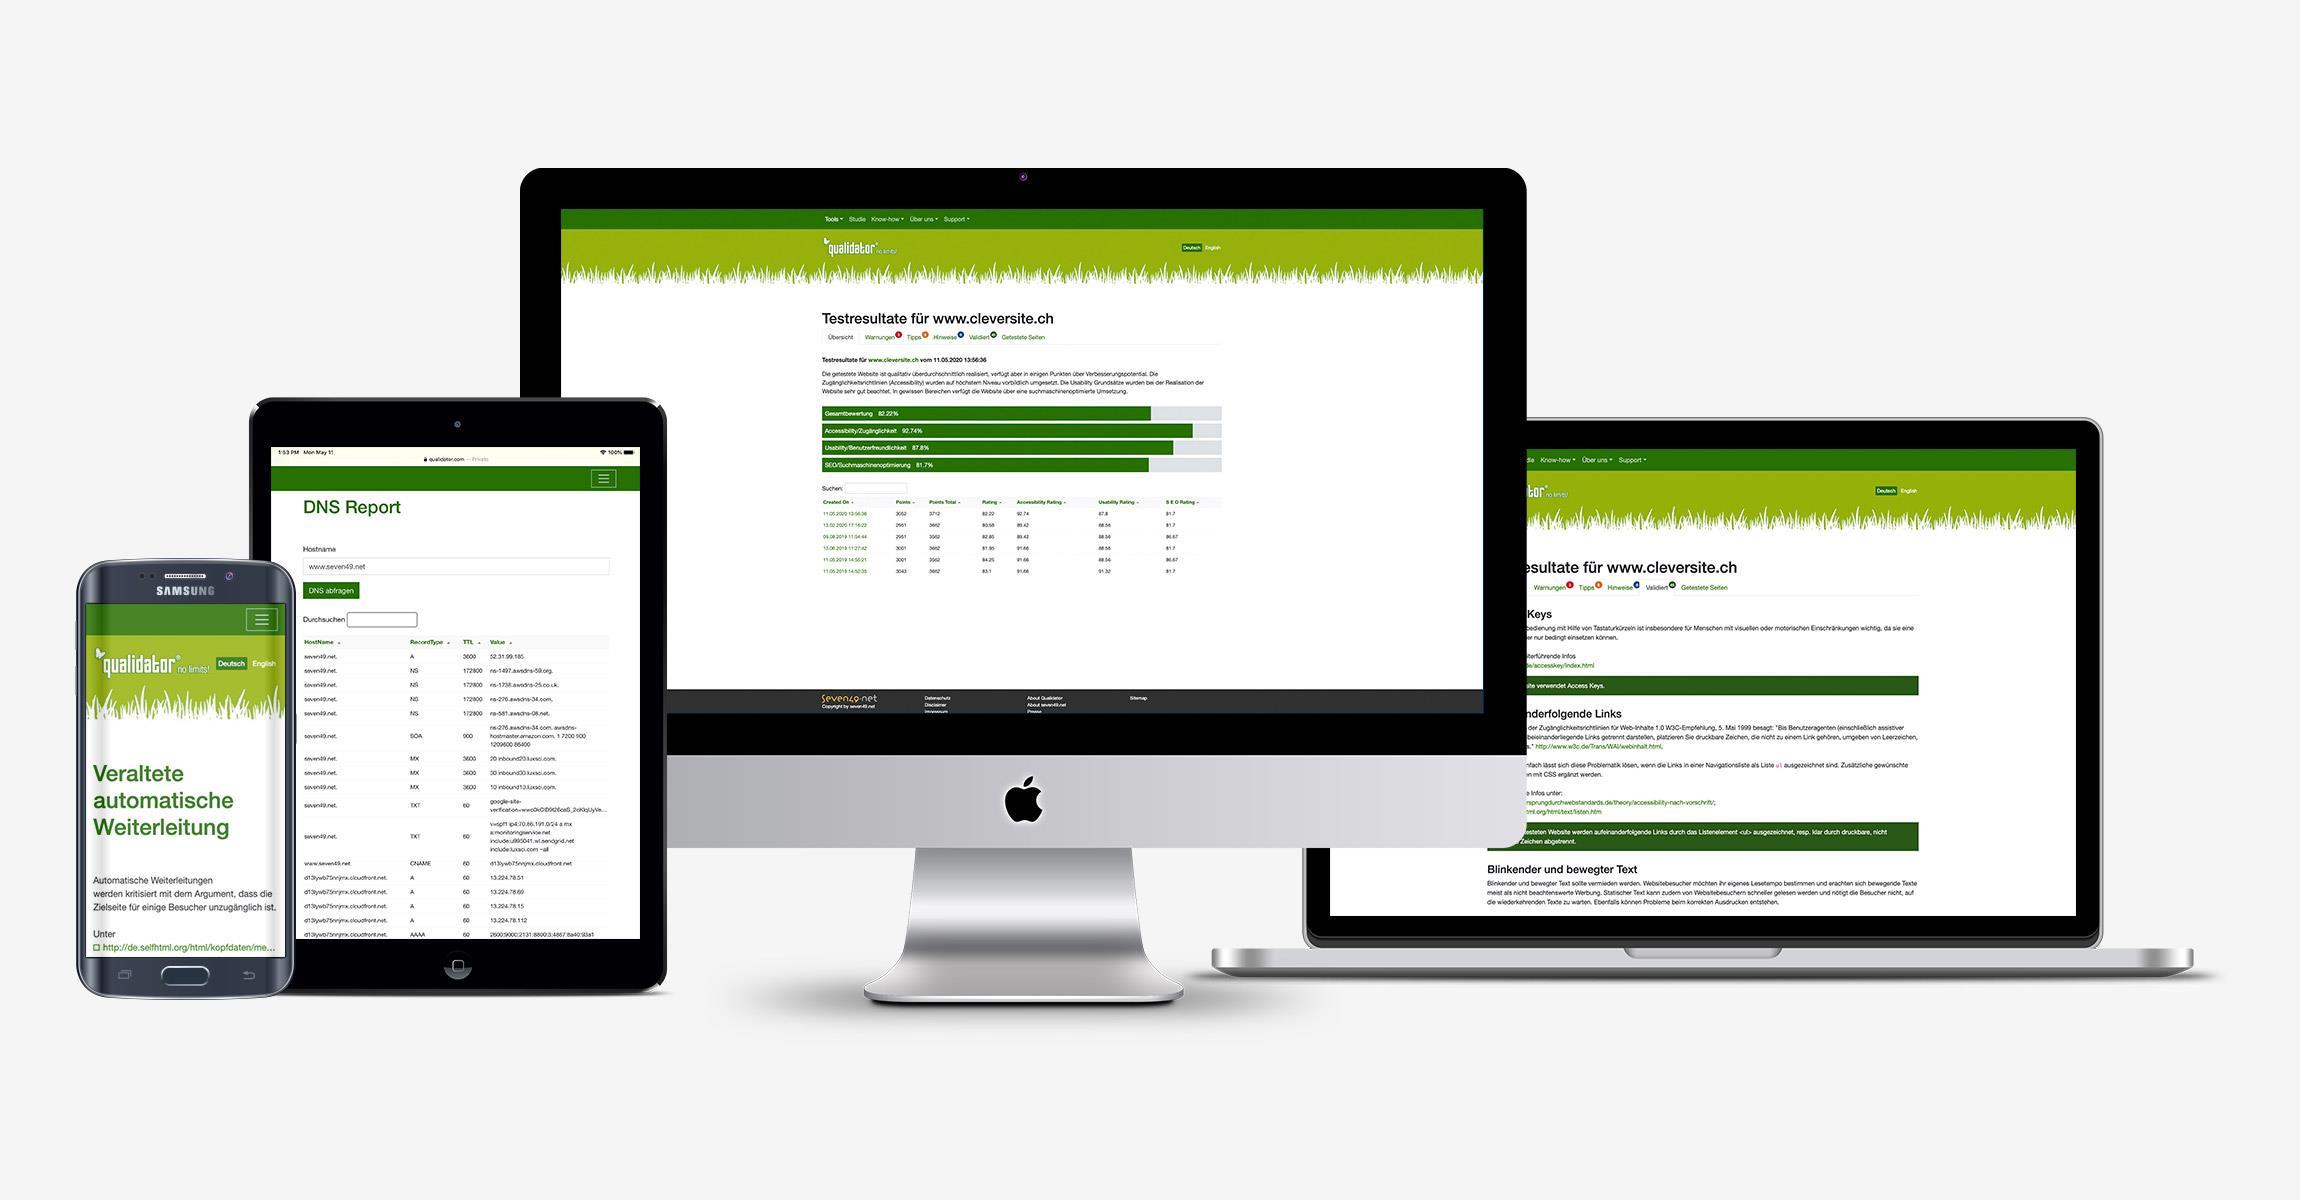 Qualidator - Testen Sie die Qualität Ihrer Webseite!